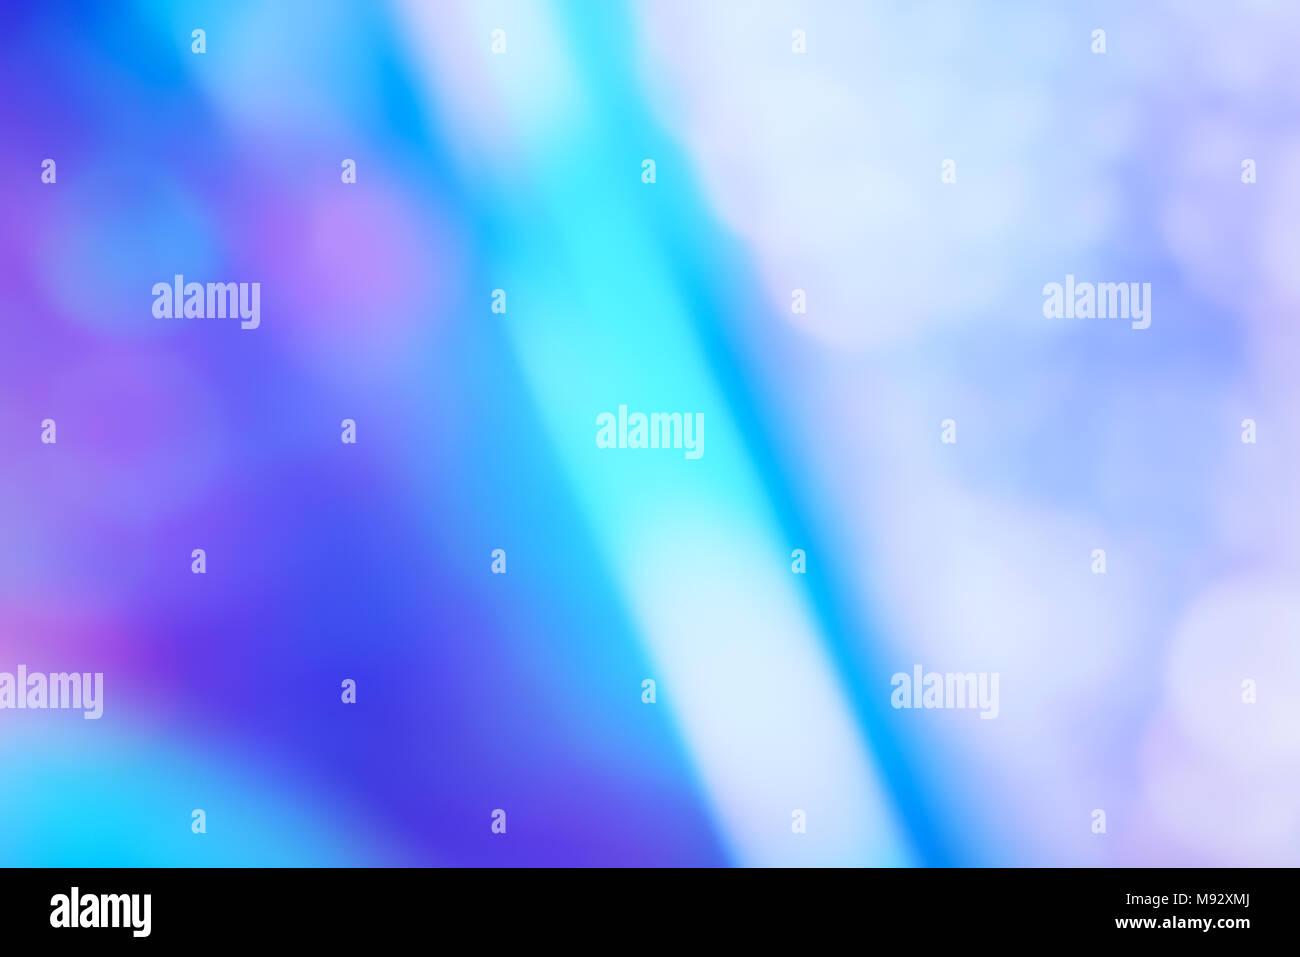 Resumen de neón ultravioleta unfocus holográfico con luz efecto bokeh de fondo. Foto de stock